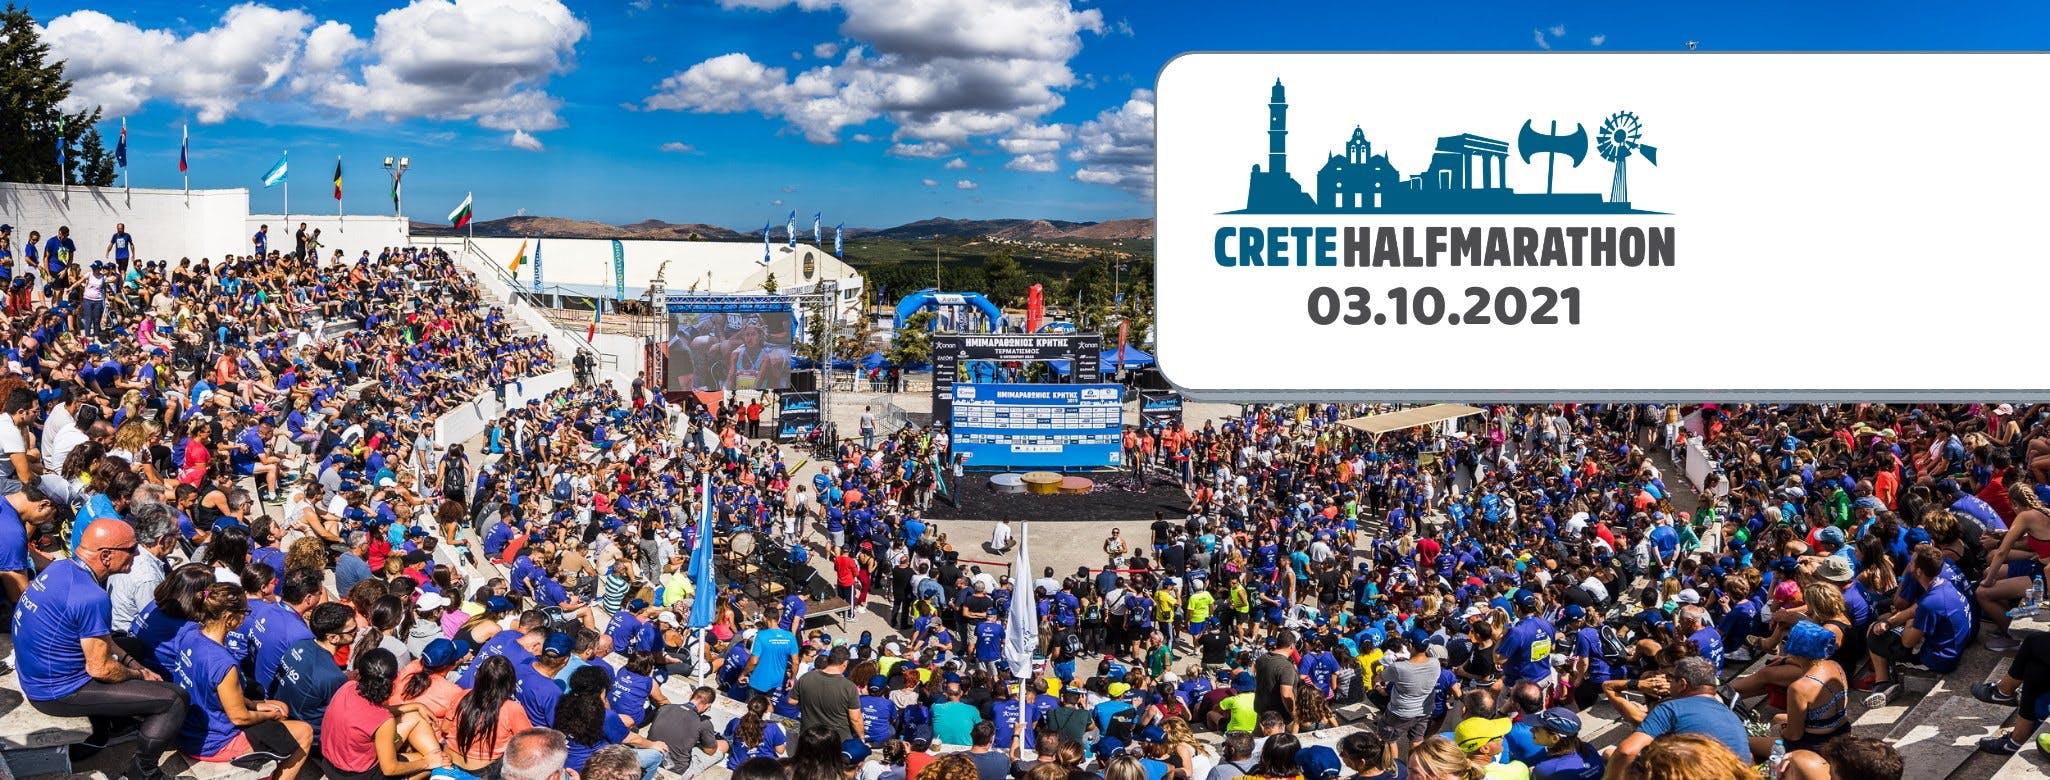 Στις 3 Οκτωβρίου ο Ημιμαραθώνιος Κρήτης το 2021